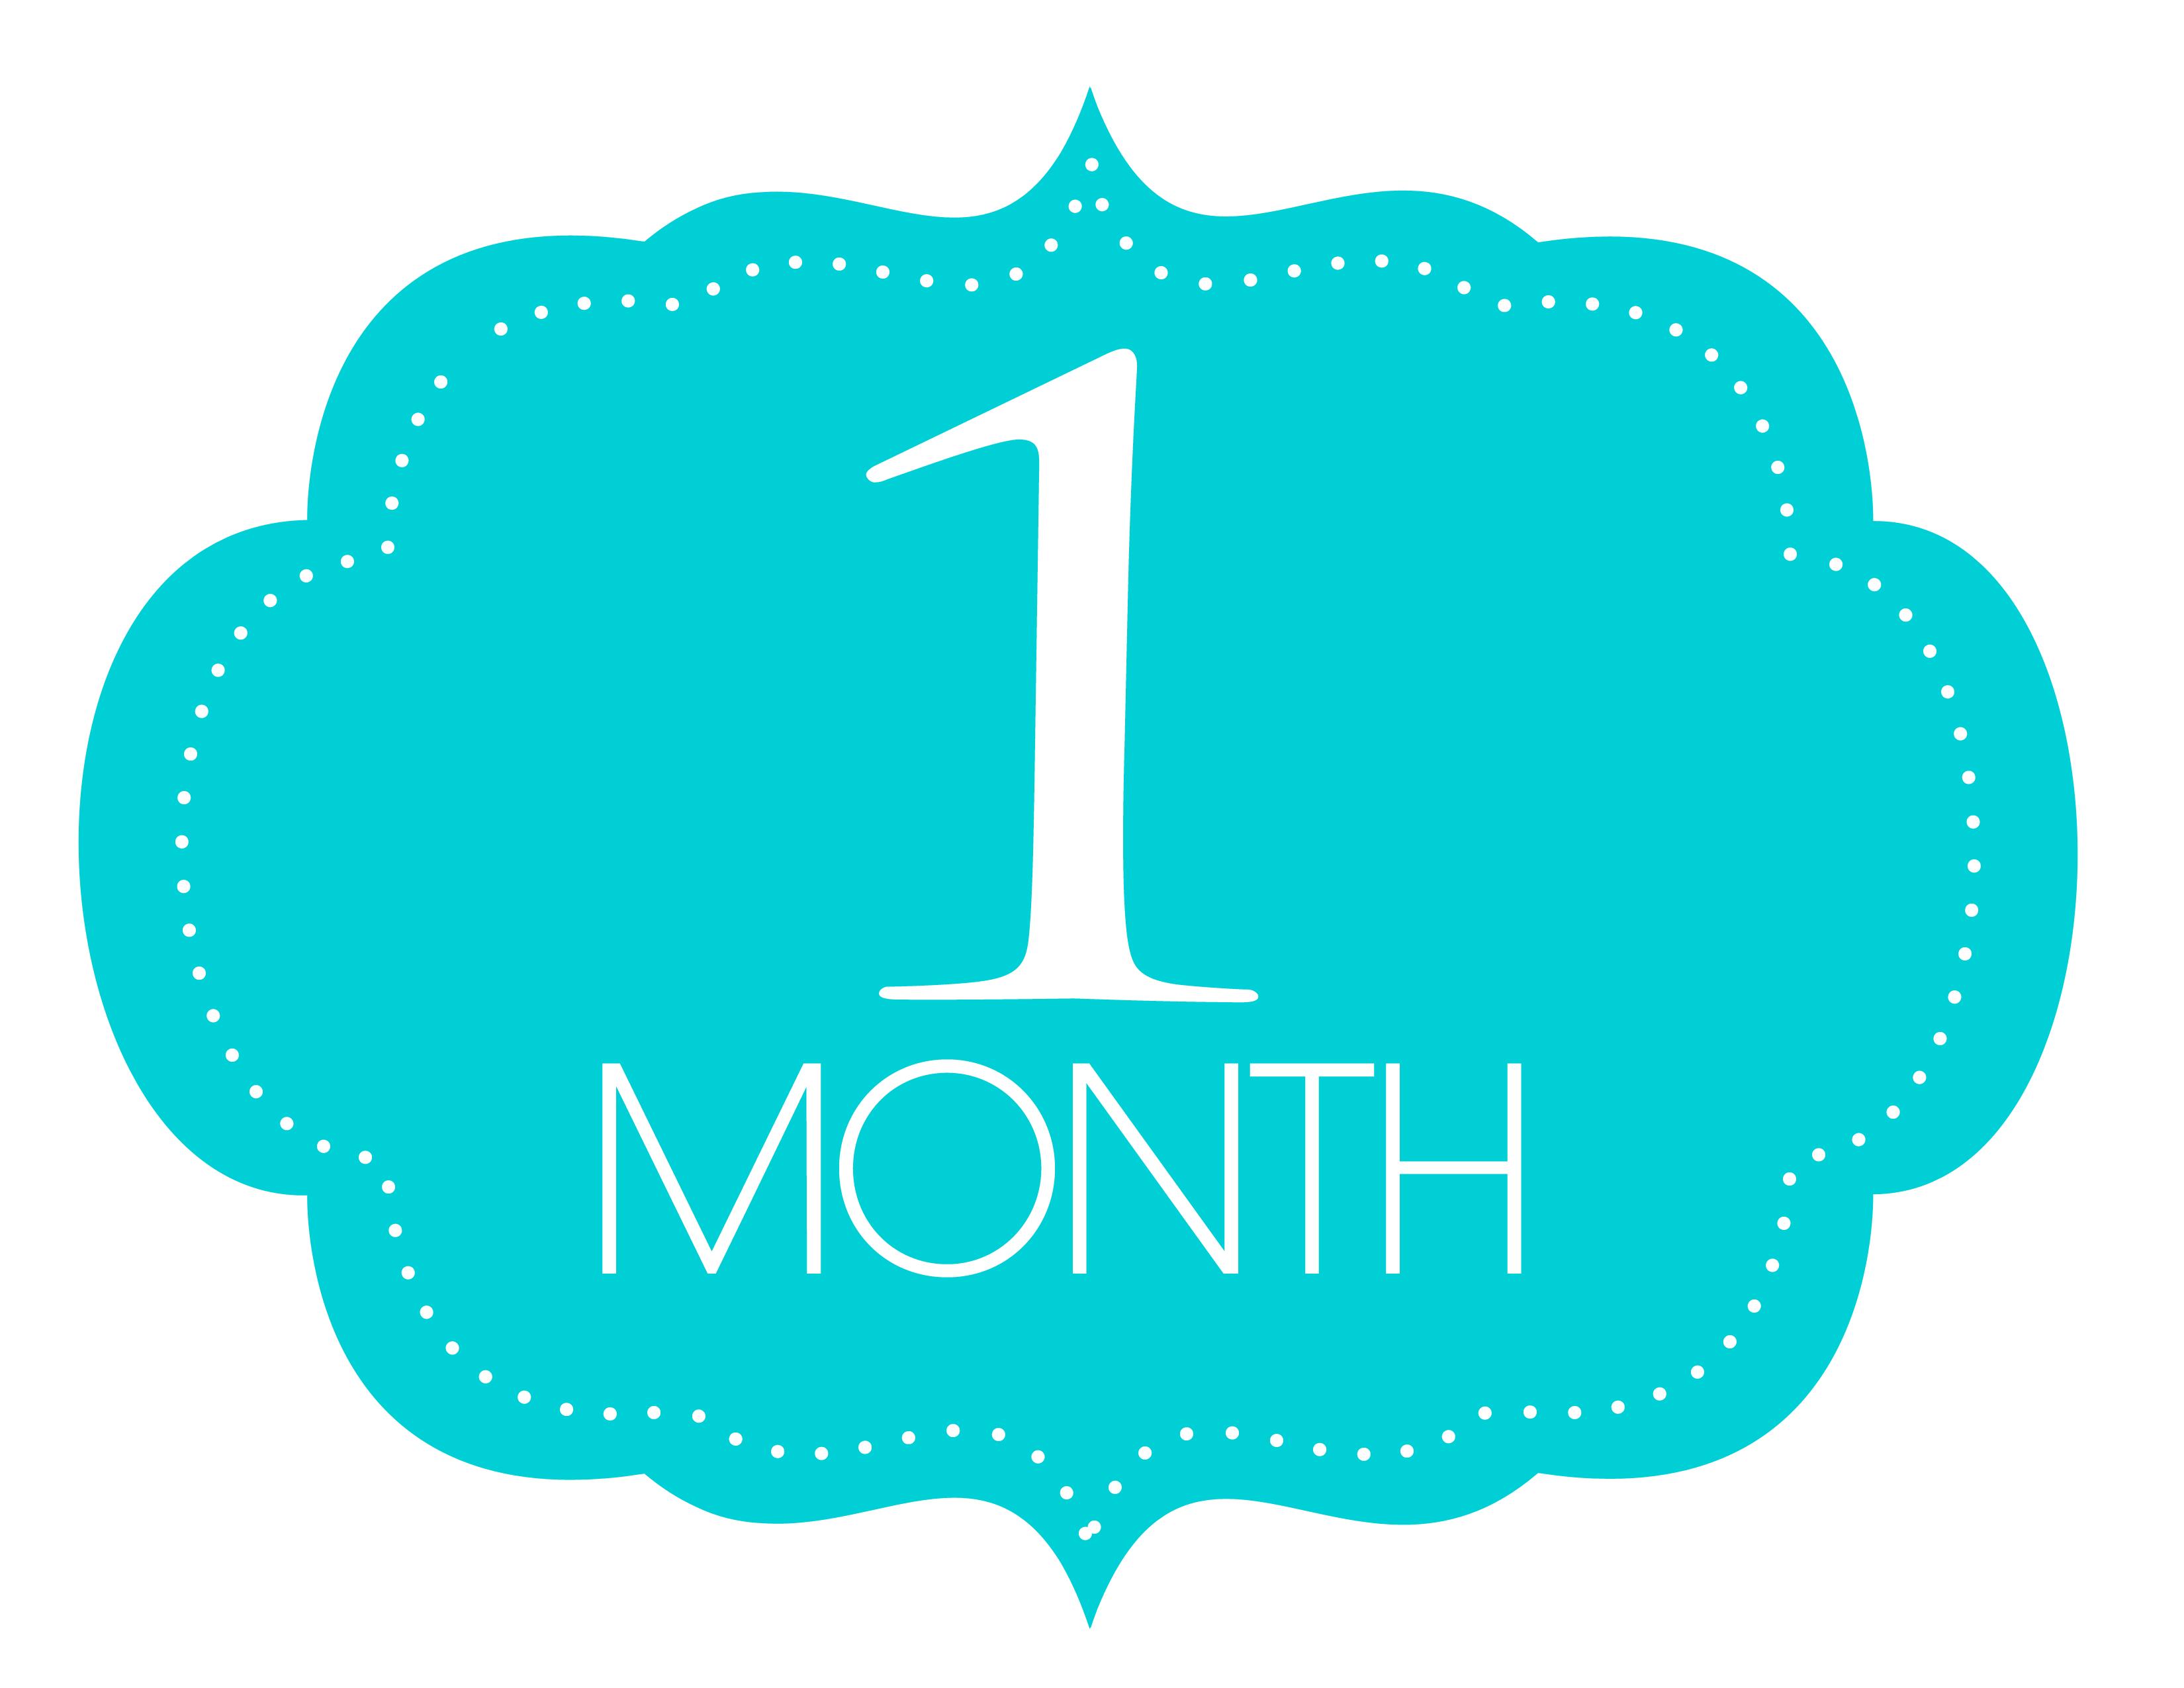 Марта прикольные, 1 месяц картинки